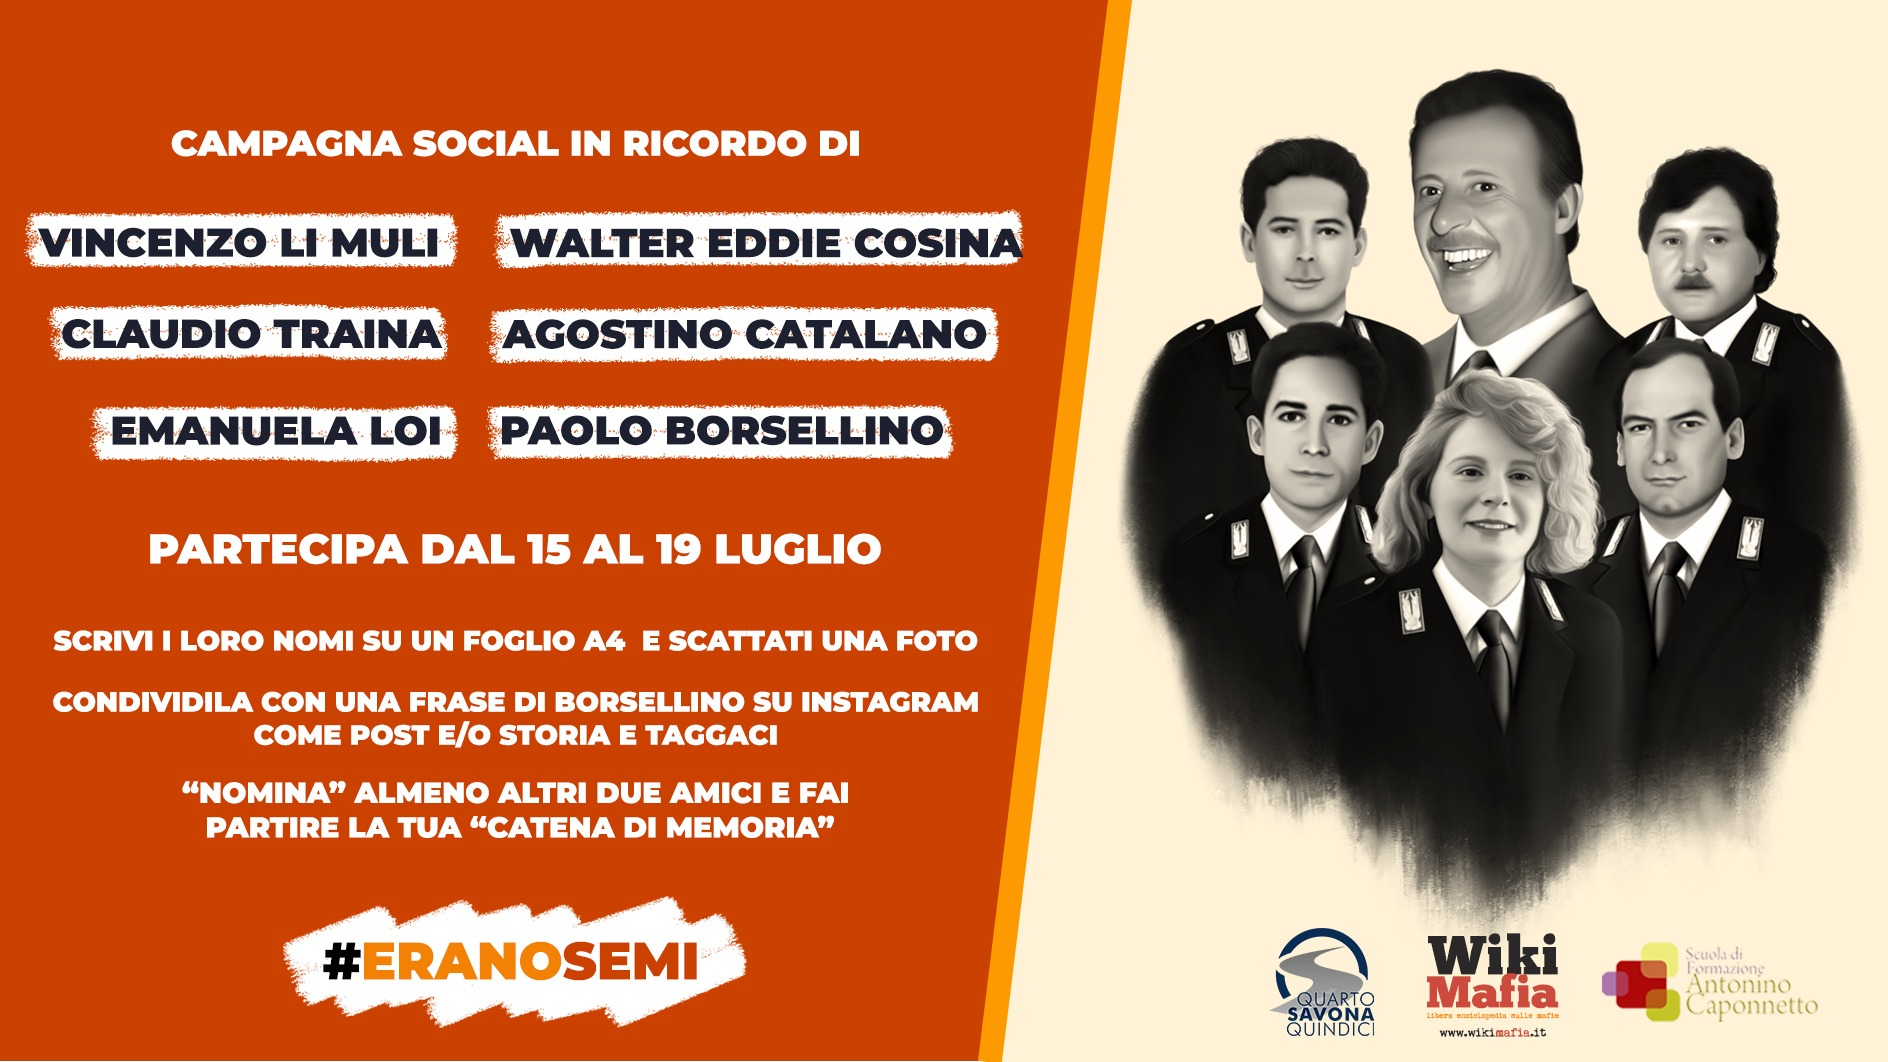 #EranoSemi Paolo Borsellino